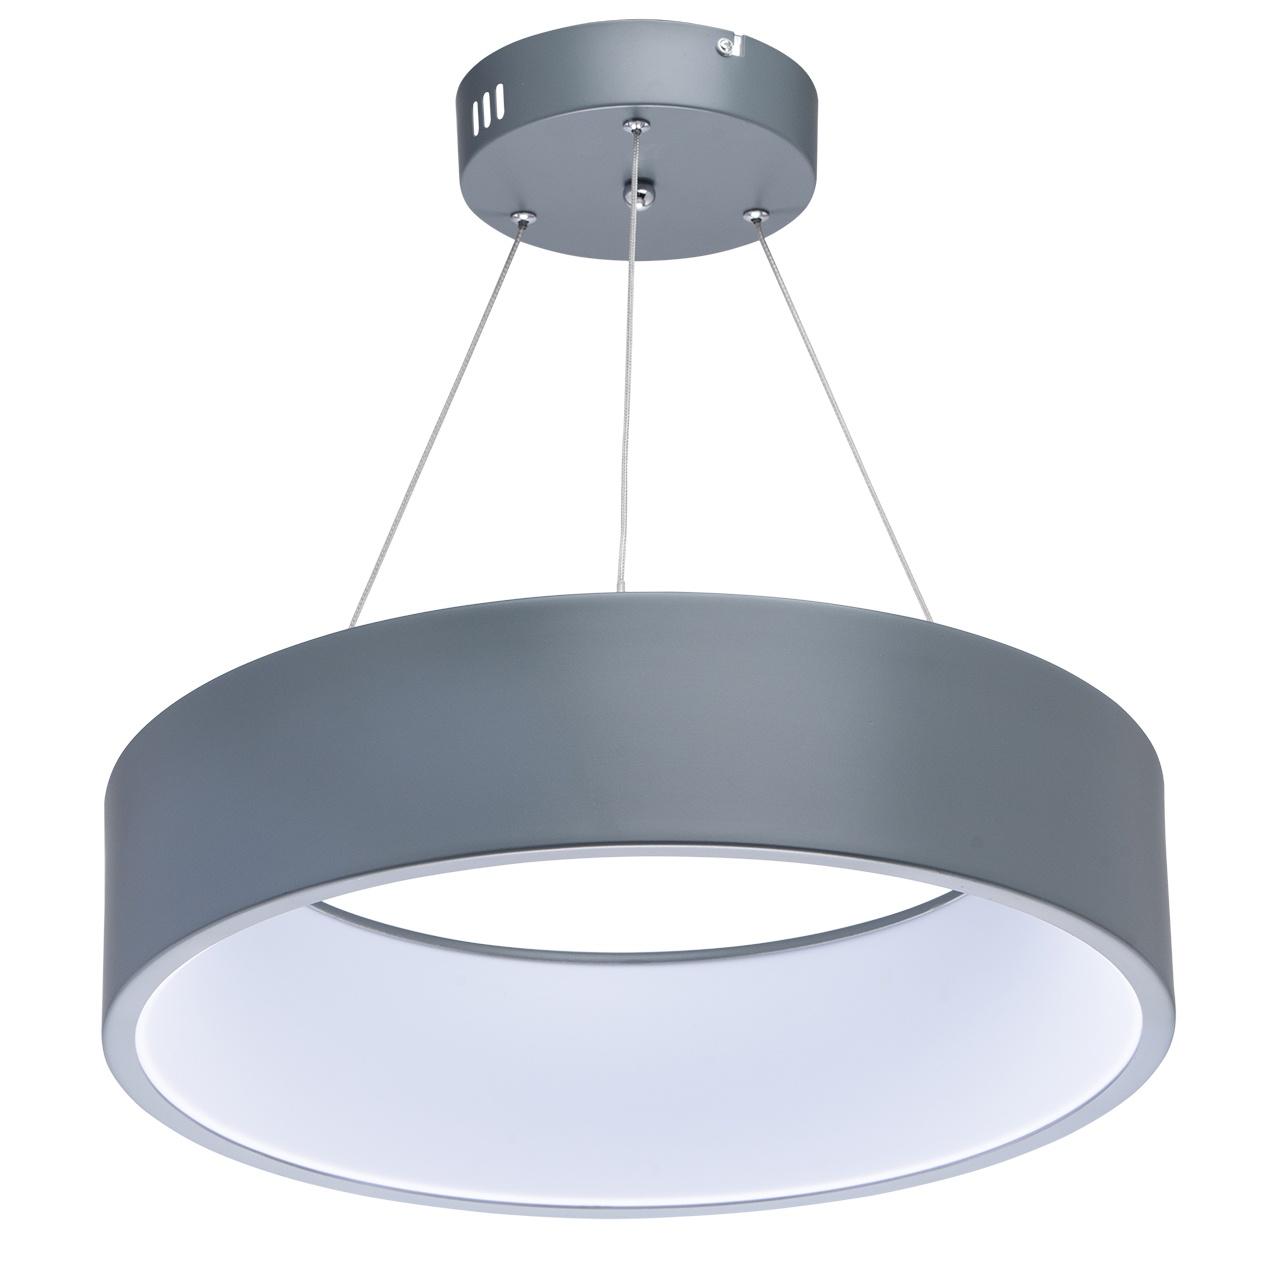 Потолочный светильник De Markt Ривз, LED потолочный светодиодный светильник de markt ривз 674012101